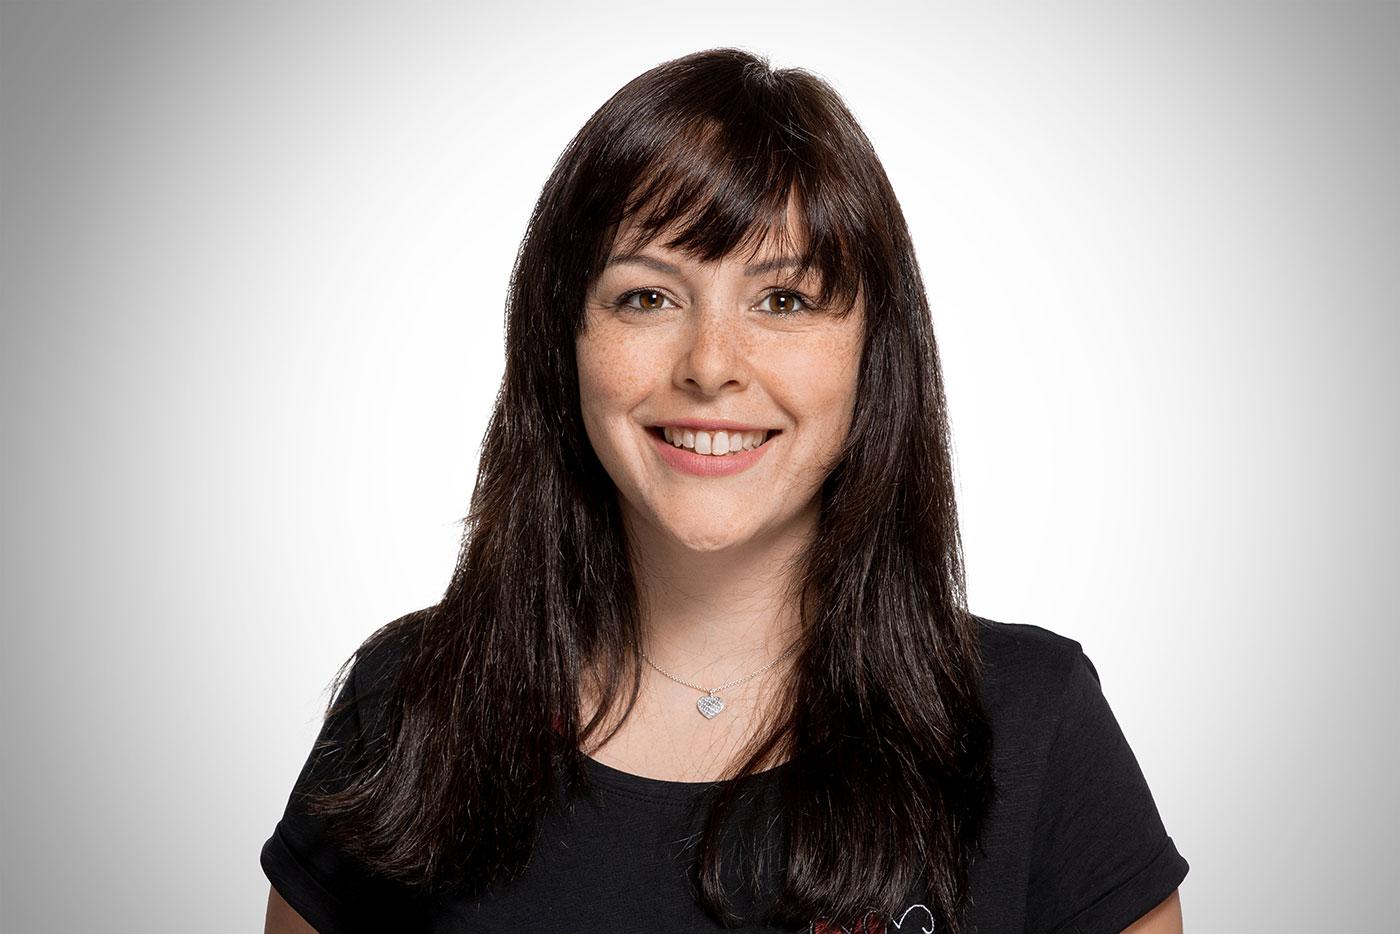 Jennifer Heinicke